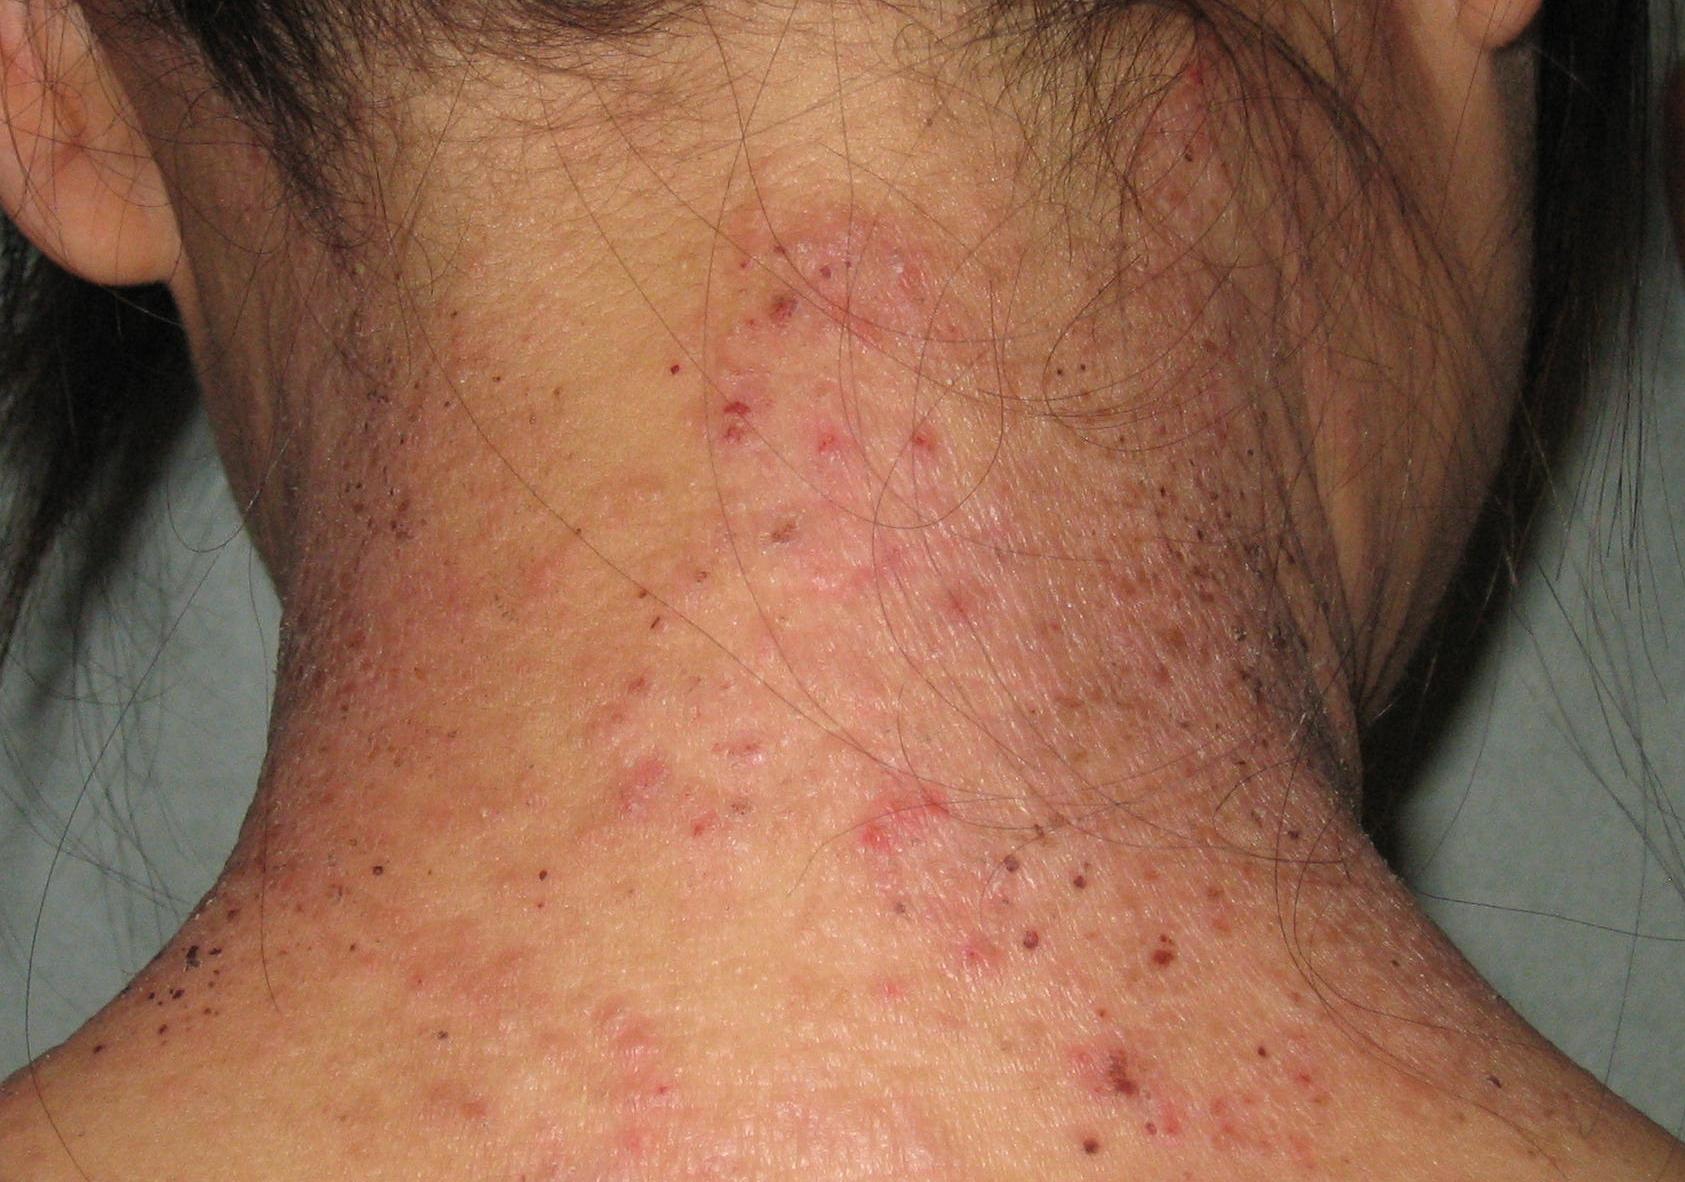 El médico dice que tengo dermatitis/eczema…pero, ¿qué es eso?